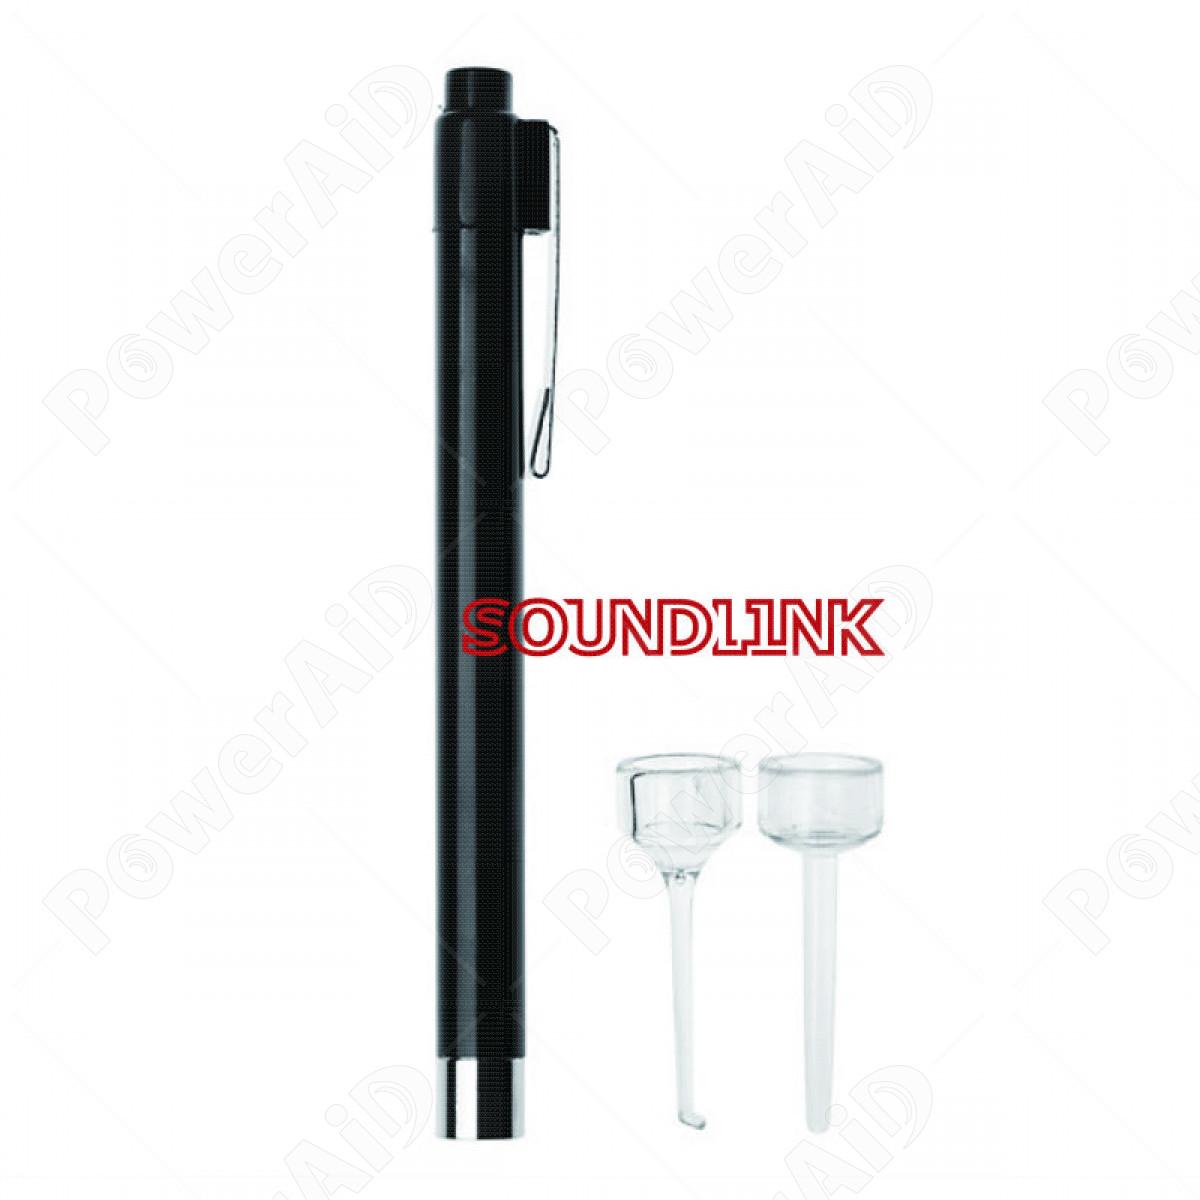 Soundlink - Penna con luce LED per controllo orecchio e bocca